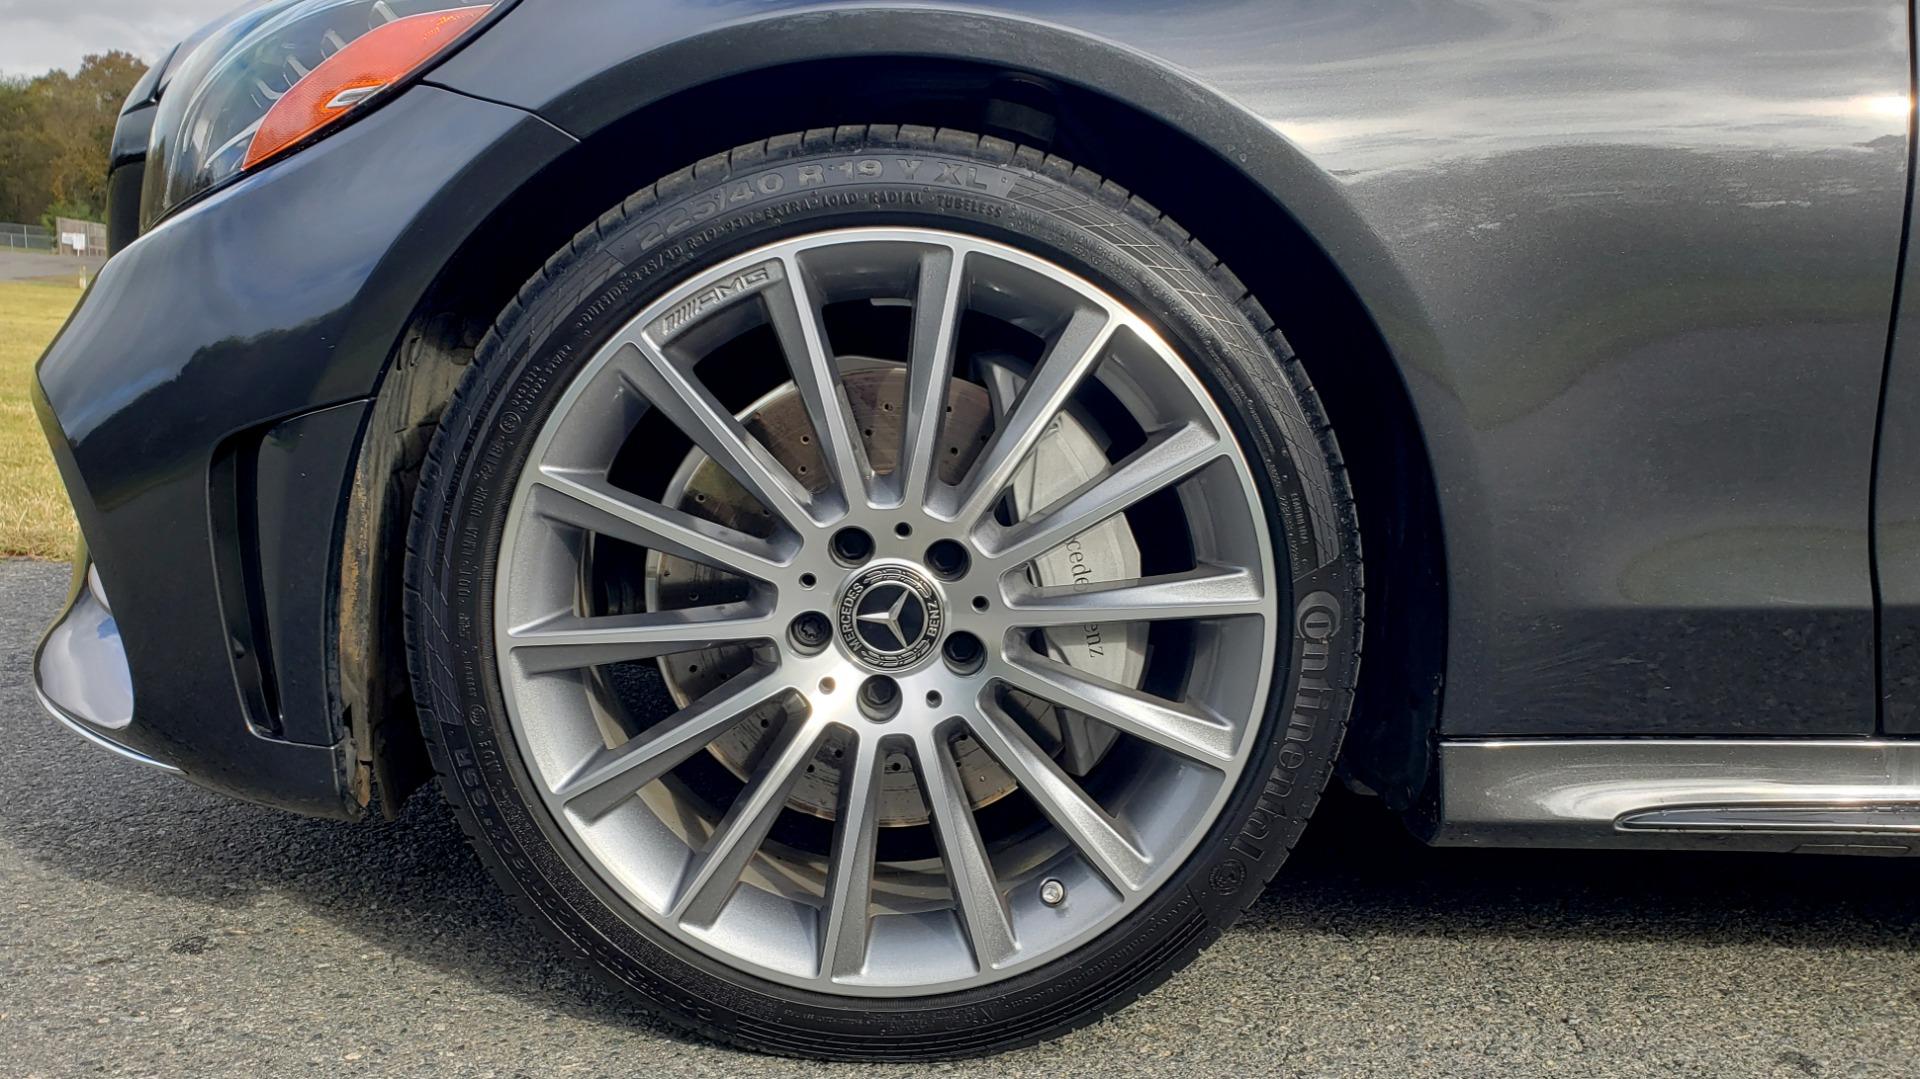 Used 2019 Mercedes-Benz C-CLASS C 300 CABRIOLET / PREM PKG / NAV / BURMESTER / MULTIMEDIA for sale Sold at Formula Imports in Charlotte NC 28227 84